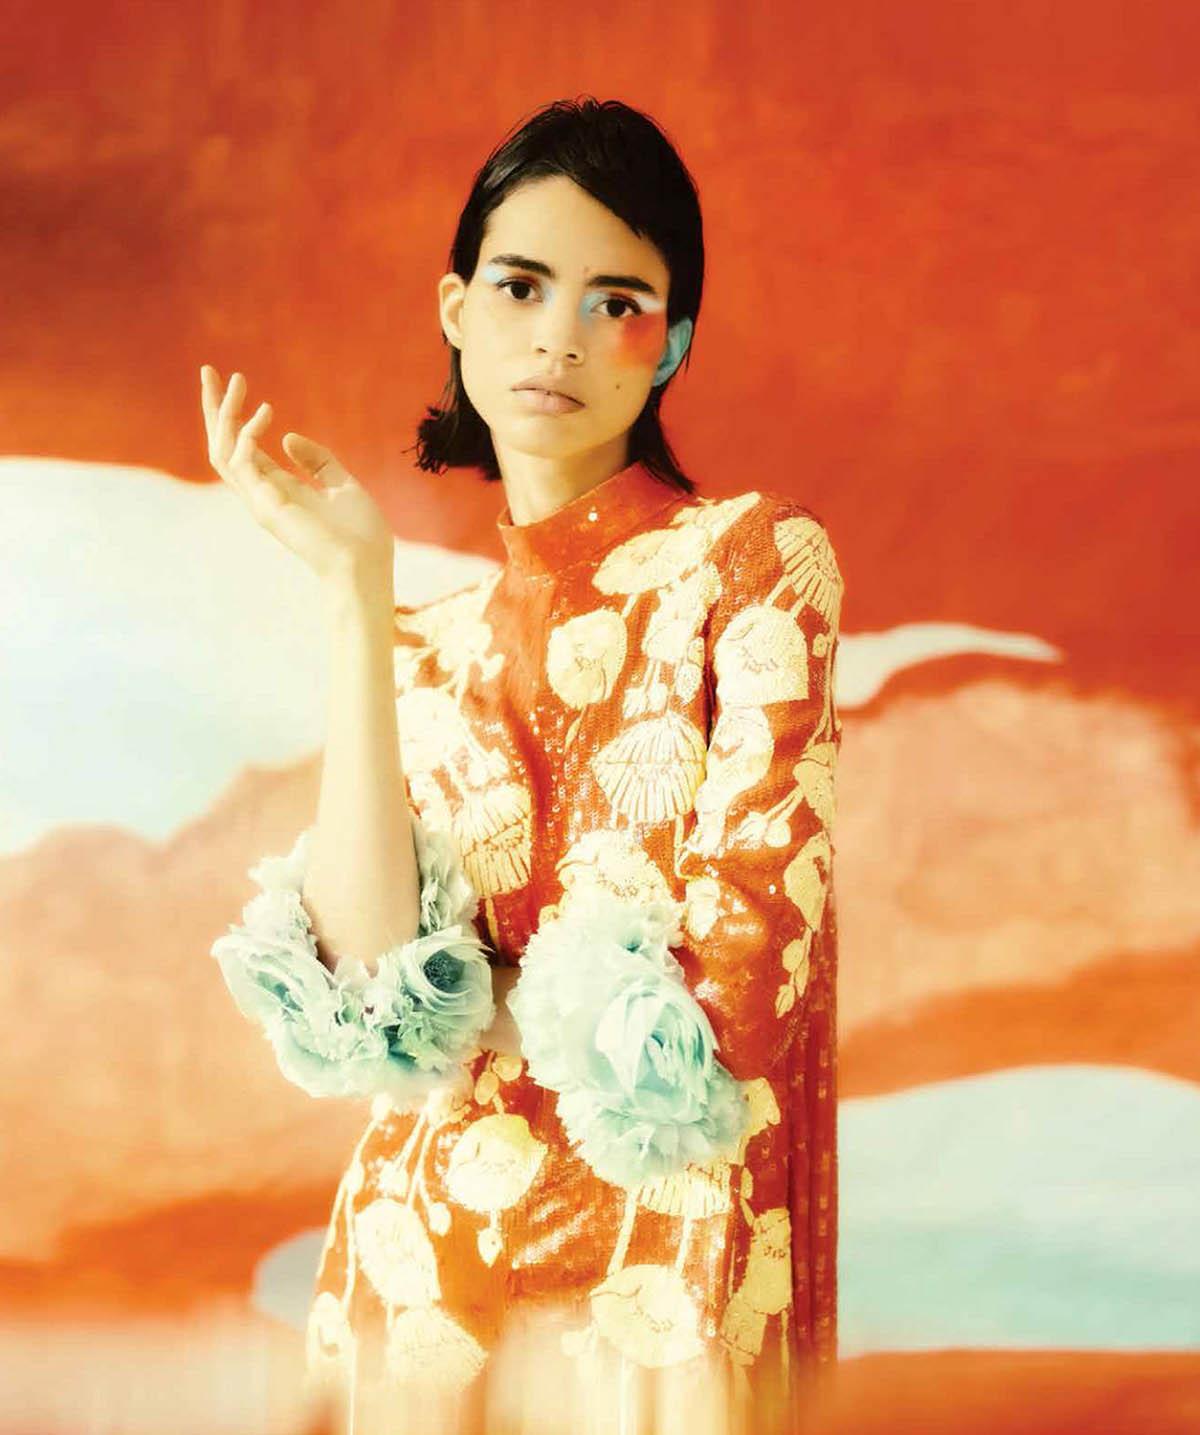 Mariana Santana by Ilaria D'Atri for Harper's Bazaar Mexico & Latin America May 2021